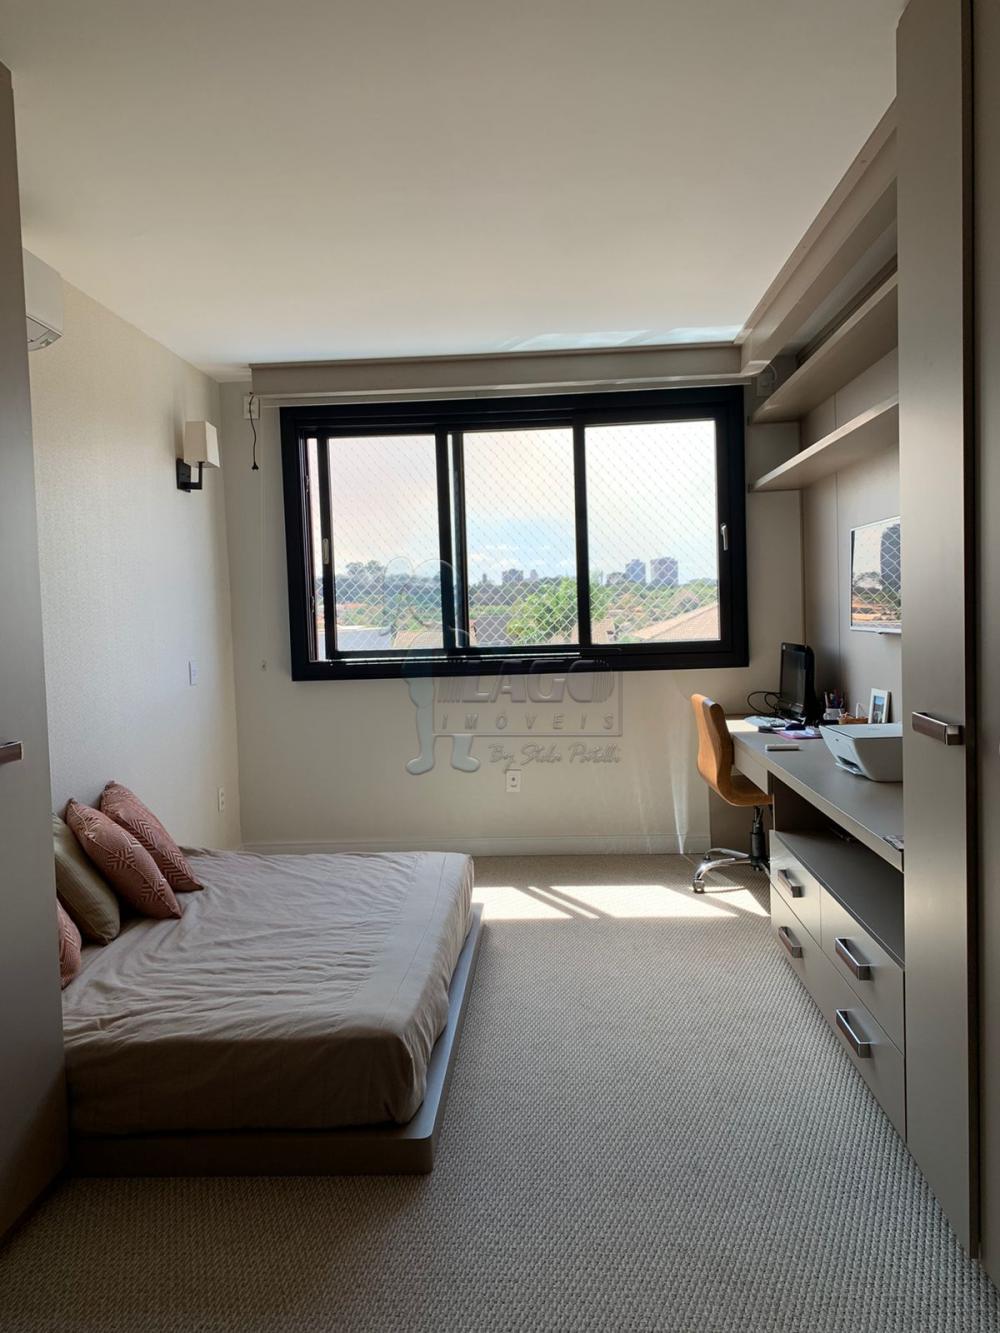 Comprar Casas / Condomínio em Bonfim Paulista R$ 1.555.000,00 - Foto 28